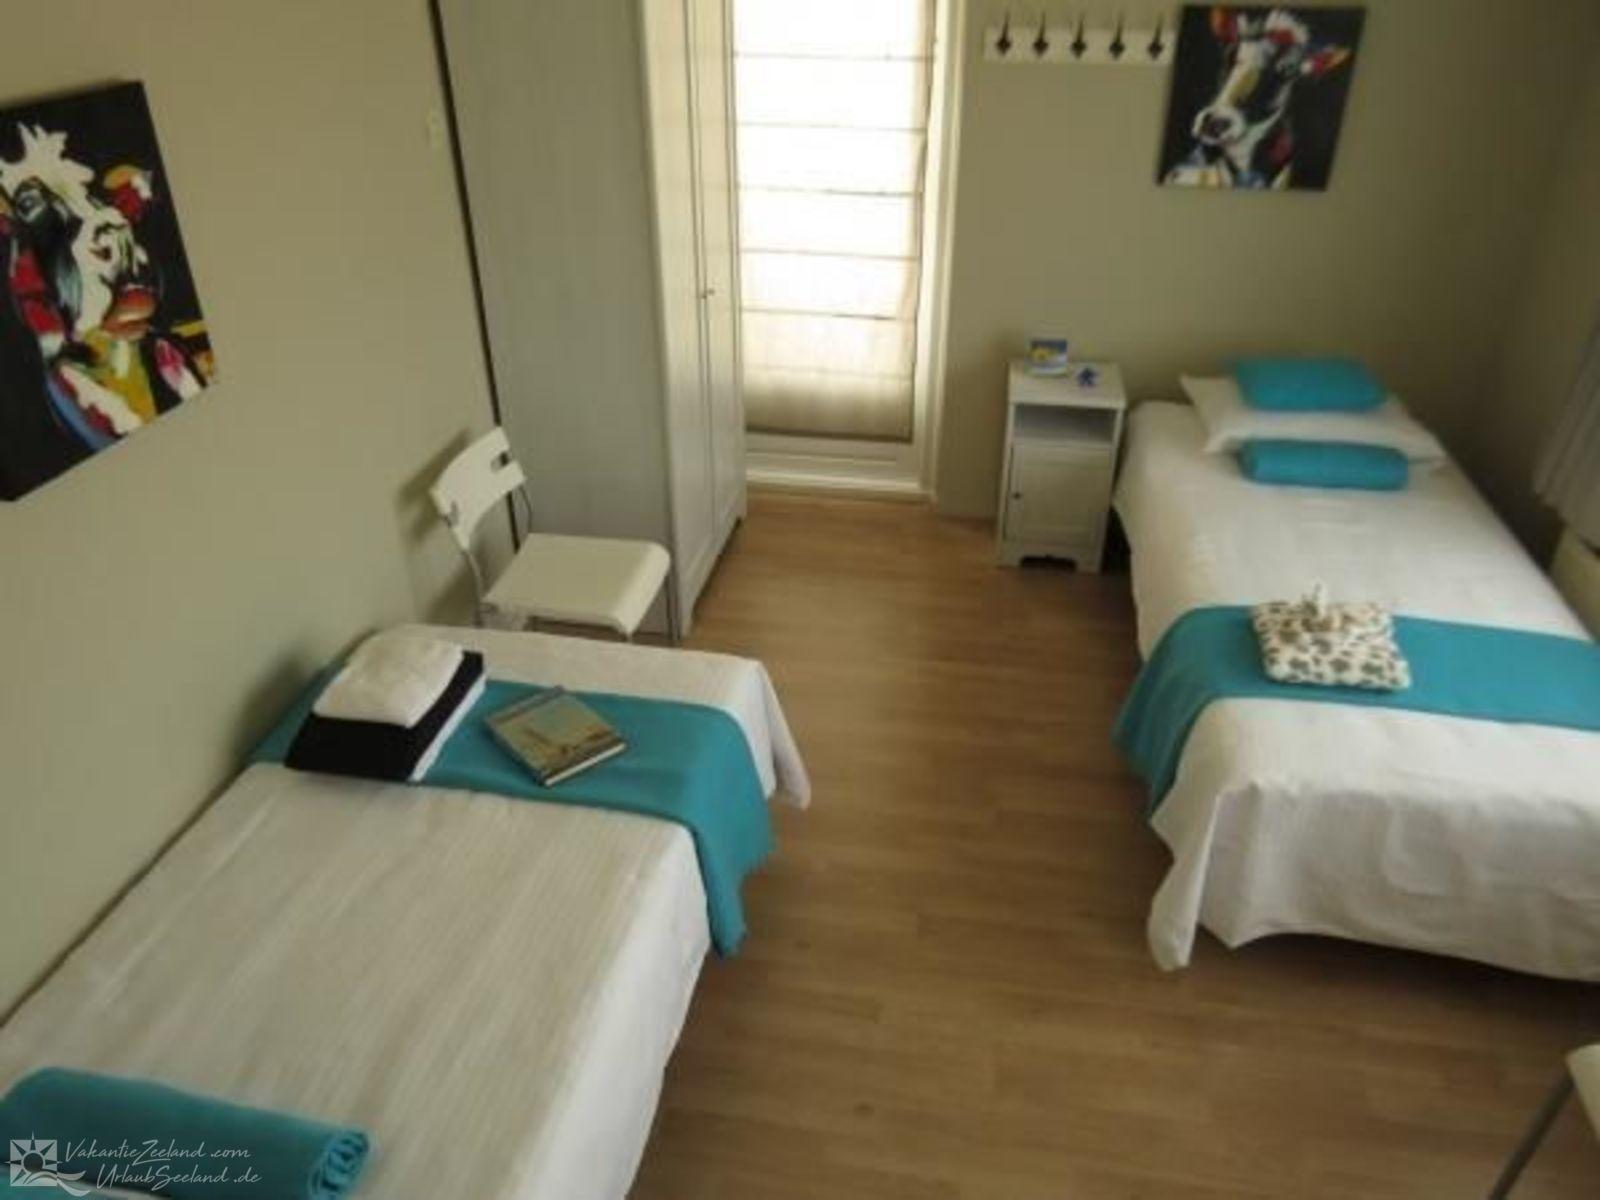 VZ304 Vakantiehuis Cadzand